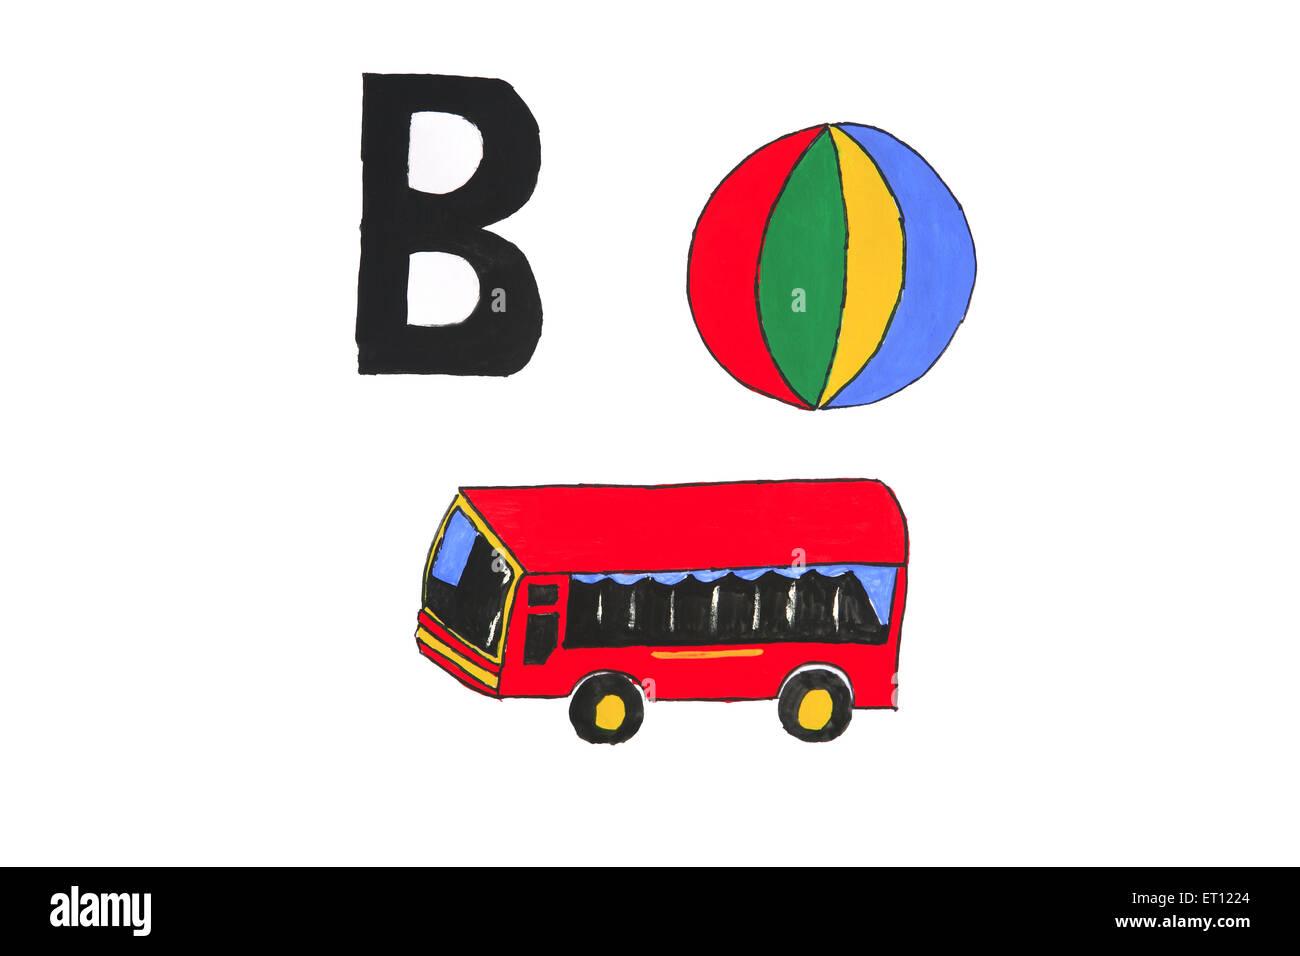 Aquarell-Malerei von Alphabet b mit Ball und bus Stockbild